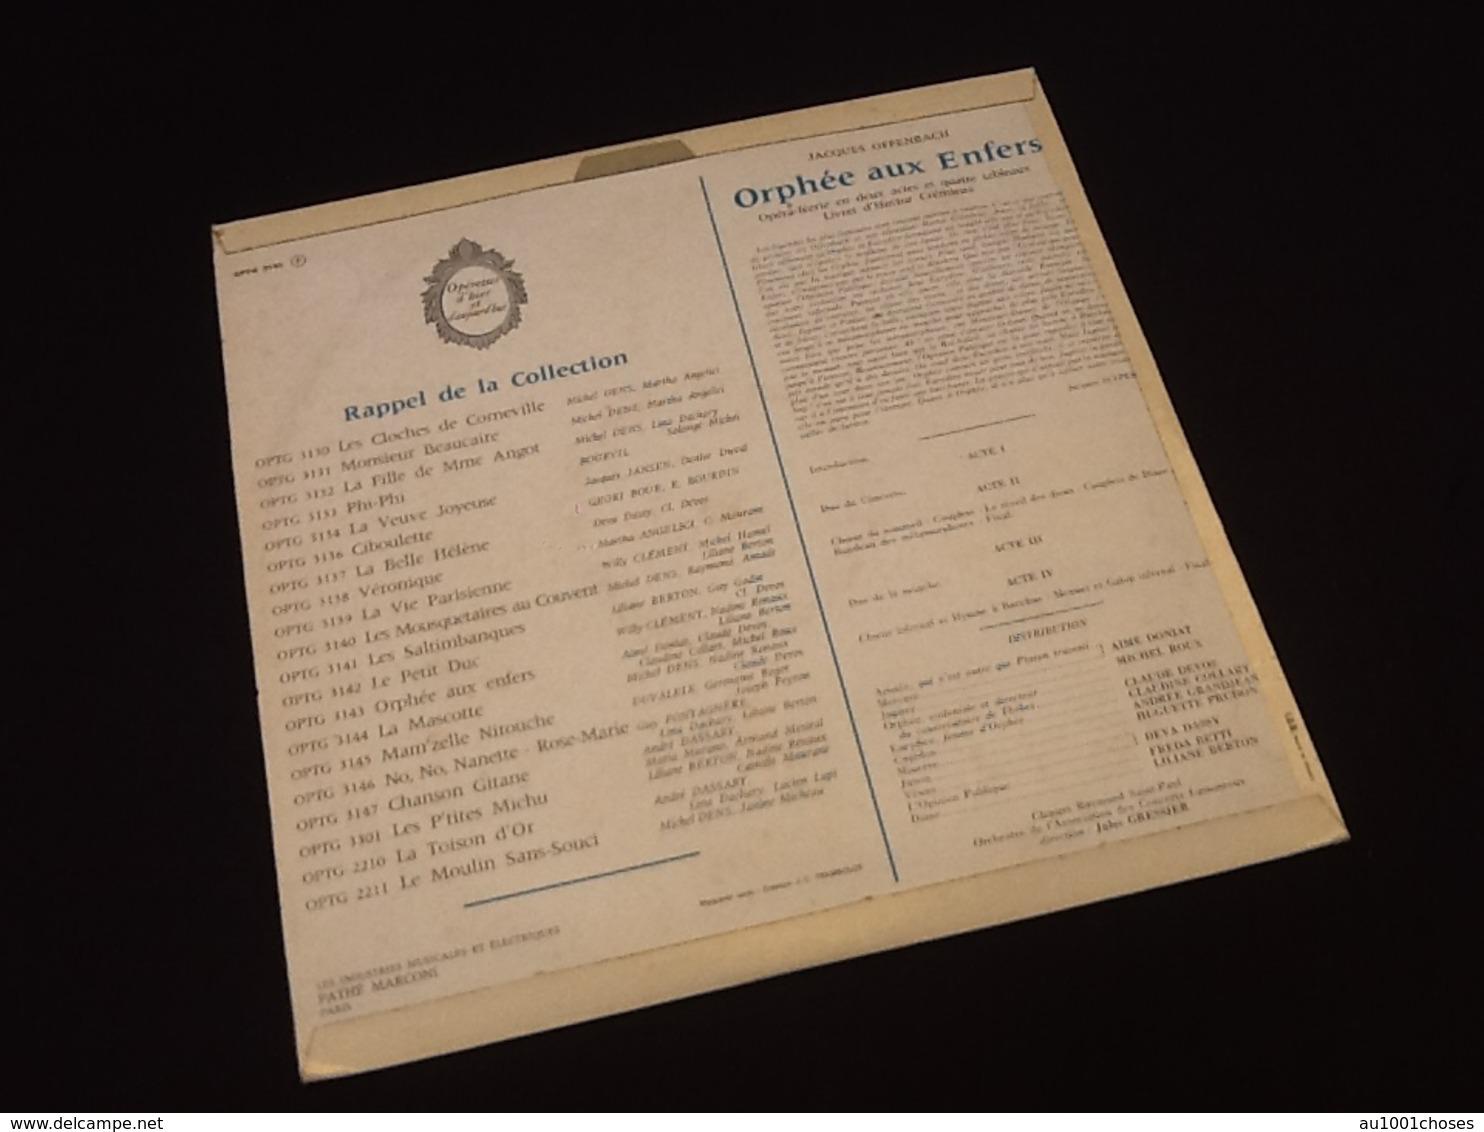 Vinyle 33 Tours Jacques Offenbach  Orphée Aux Enfers - Oper & Operette